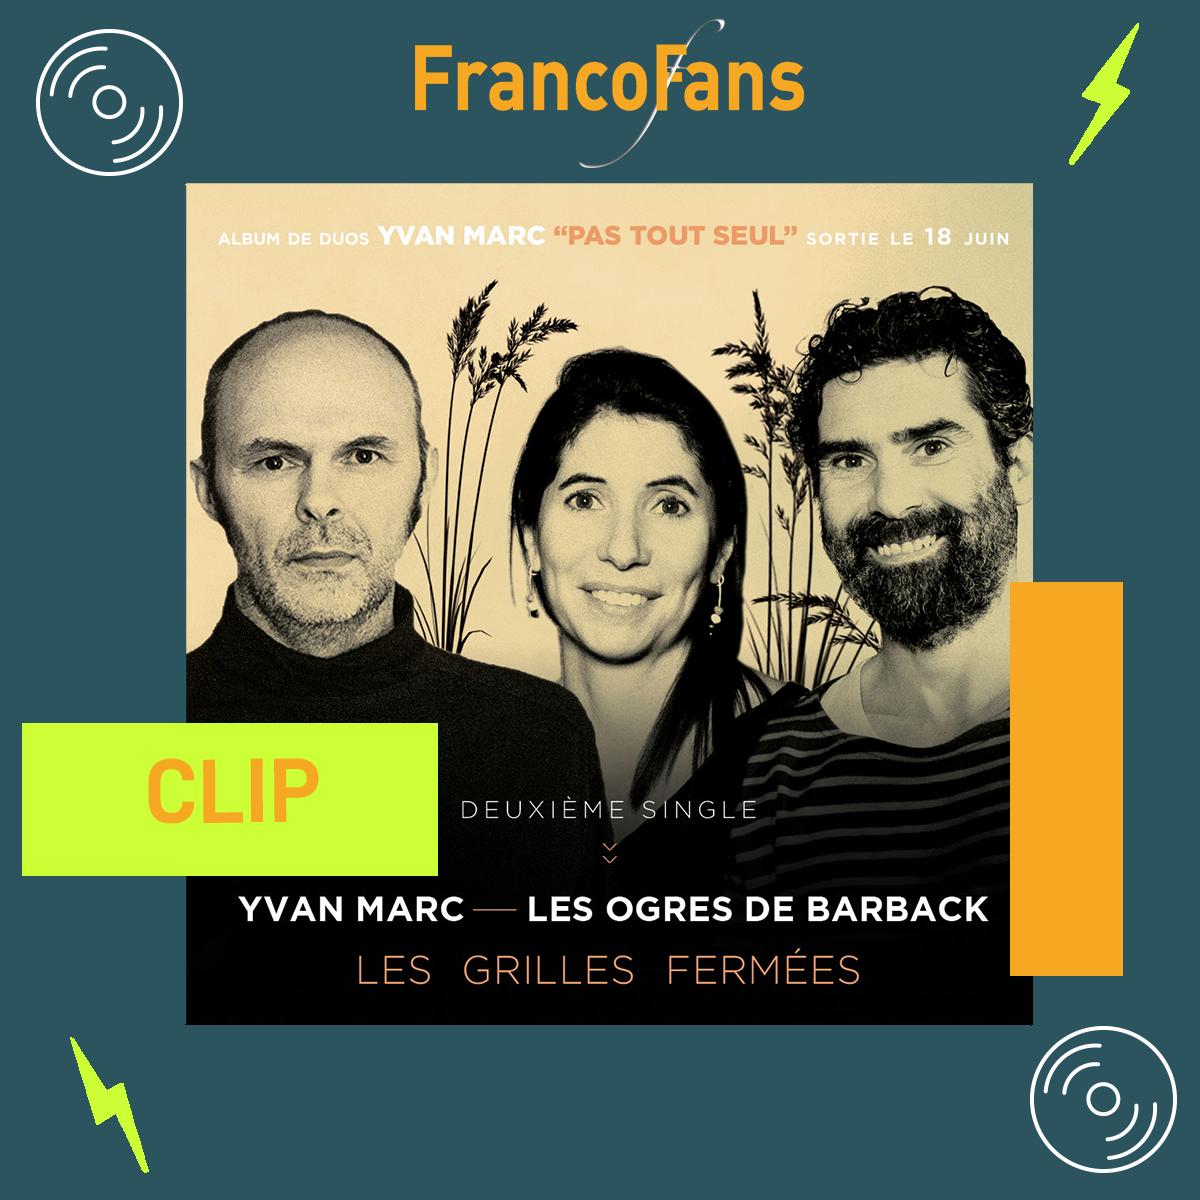 [Clip] Yvan Marc - Les grilles fermées